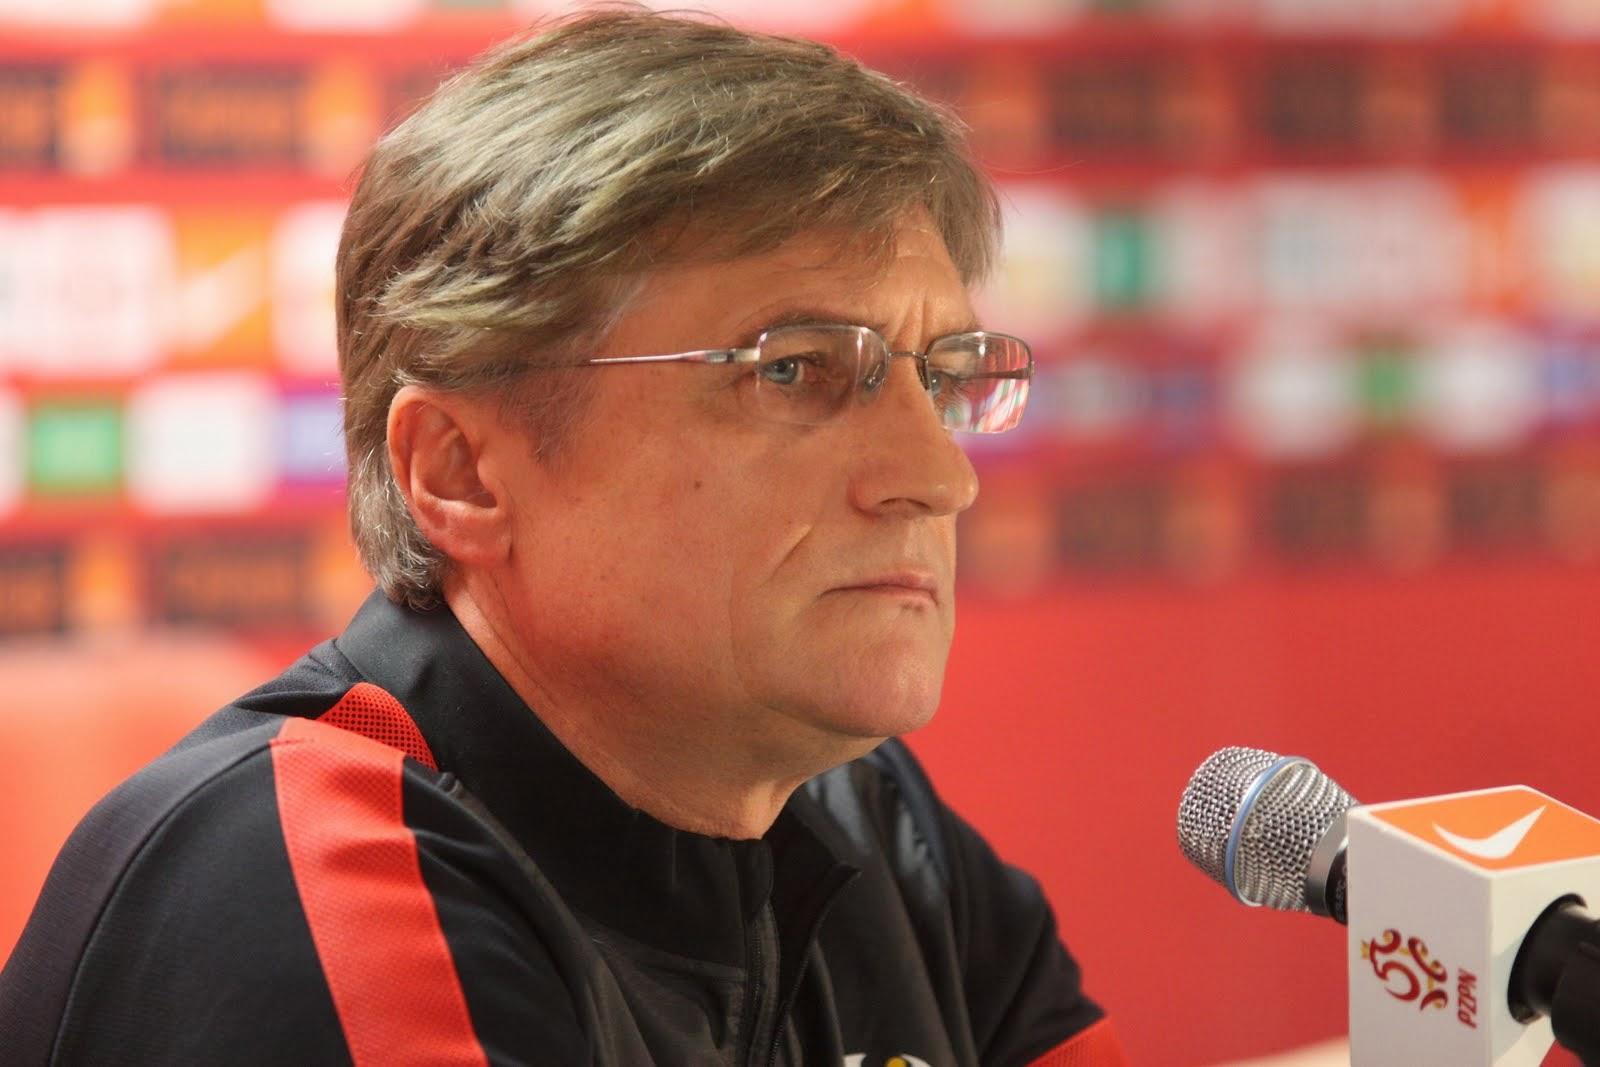 Adam Nawałka bleibt Trainer der polnischen Nationalmannschaft